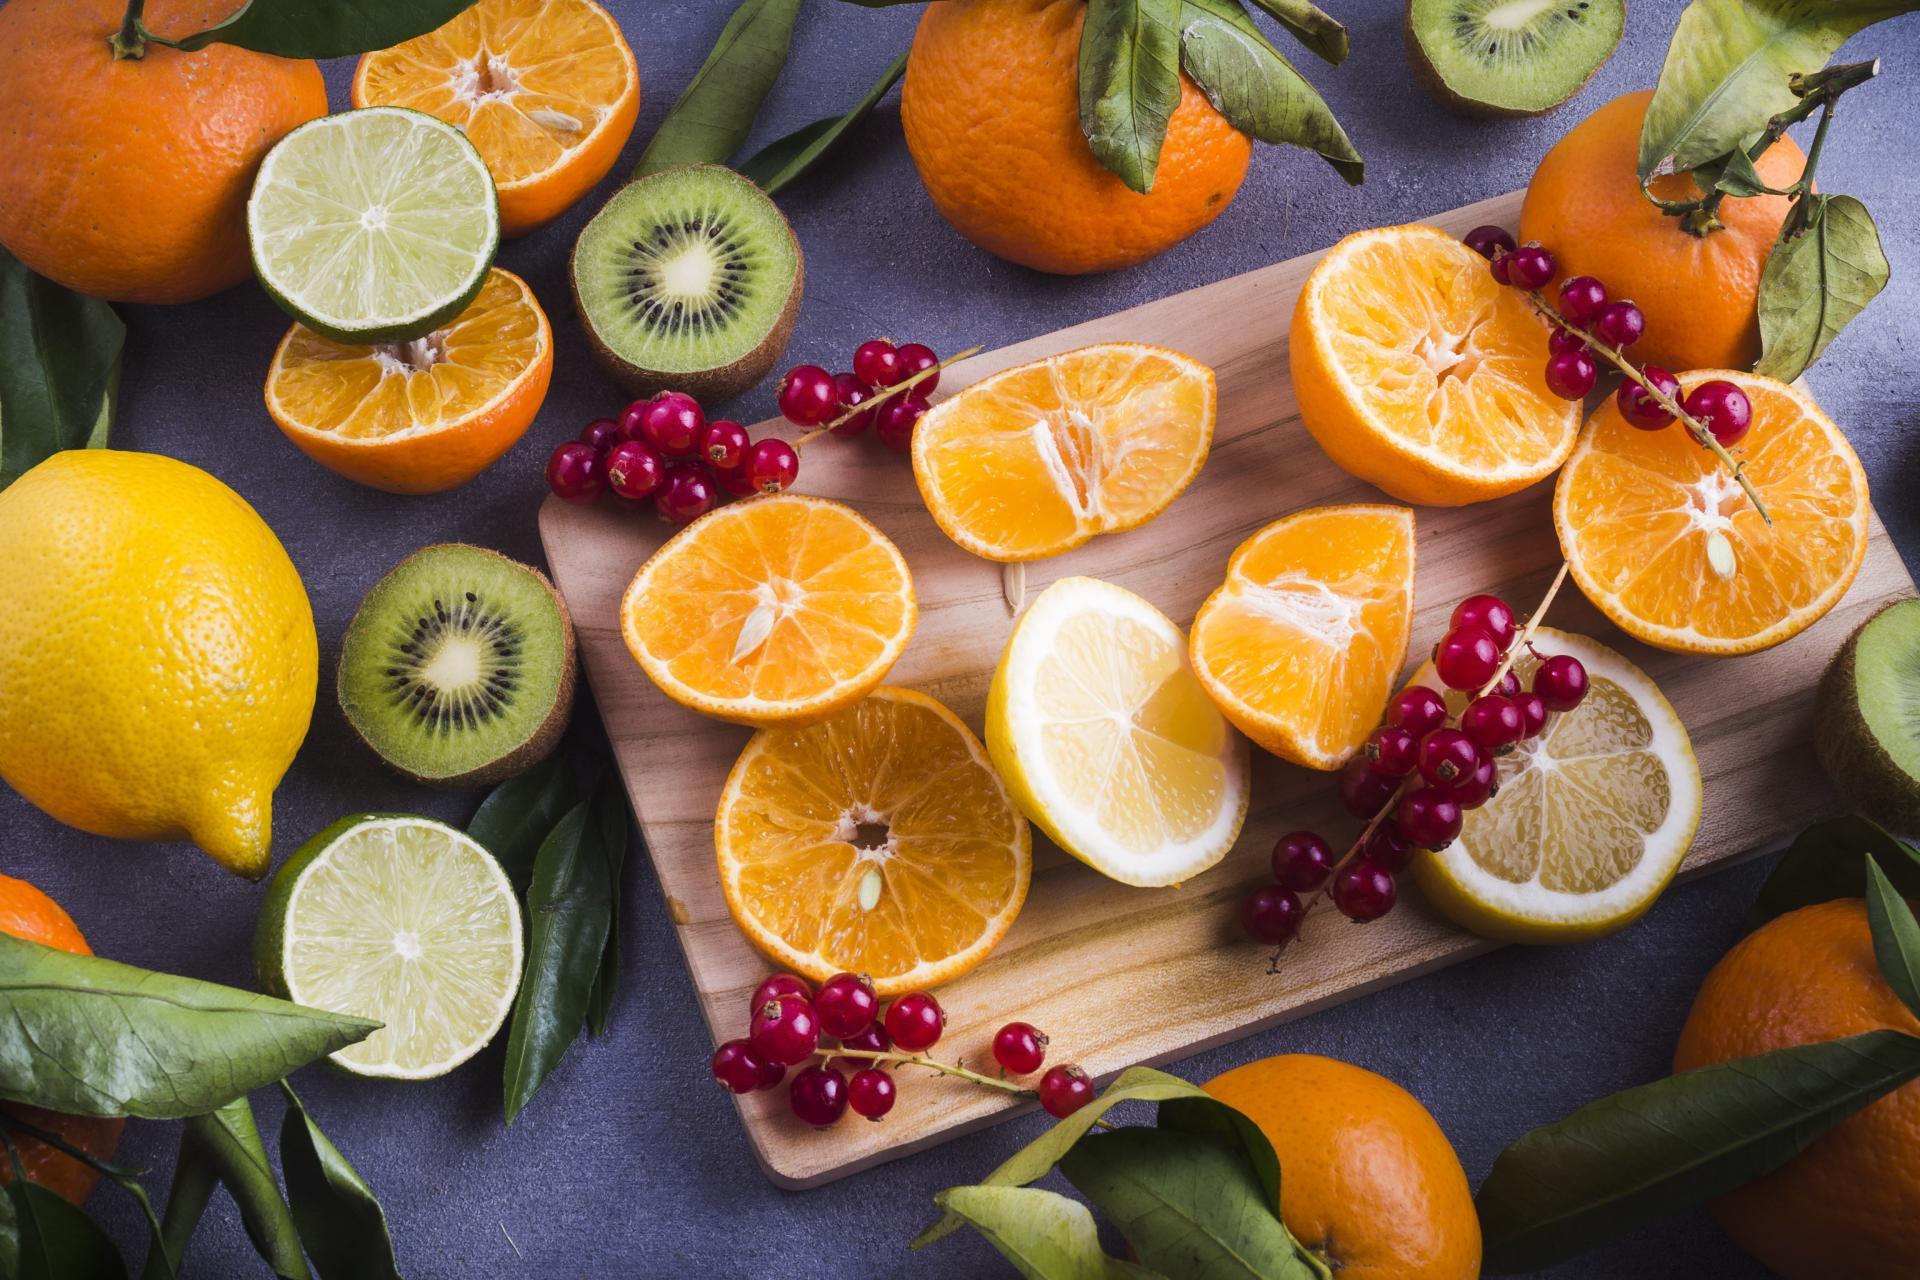 دراسة تنصح بتعزيز الحمية الغذائية للإنسان بفيتامين ج وعنصر الزنك